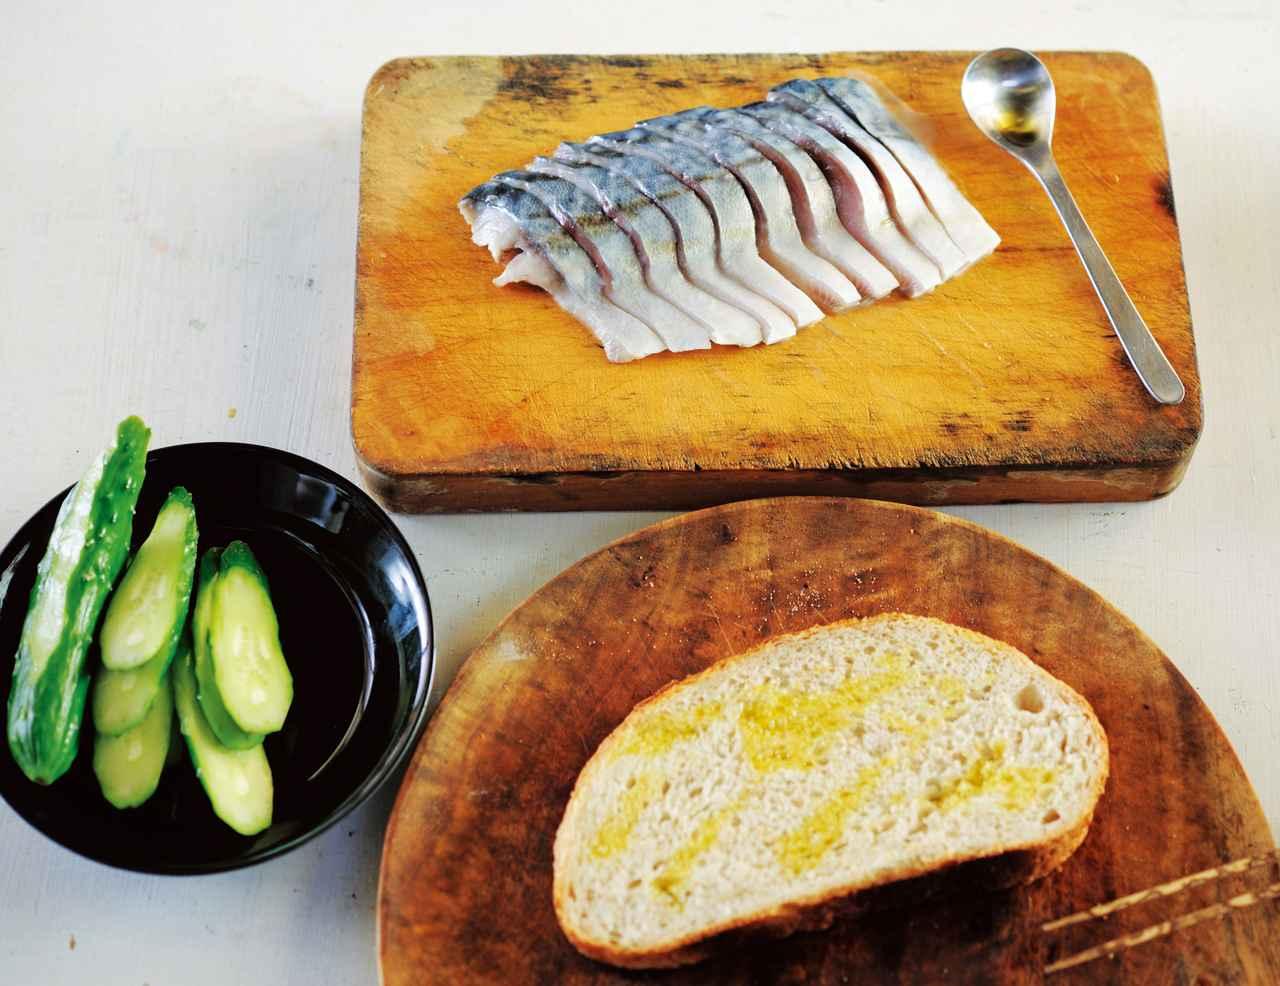 画像: 「自分好みのパンを求めて日々、模索中」。若狭湾と鯖街道で結ばれていた京都は、おいしいさばが手に入りやすい